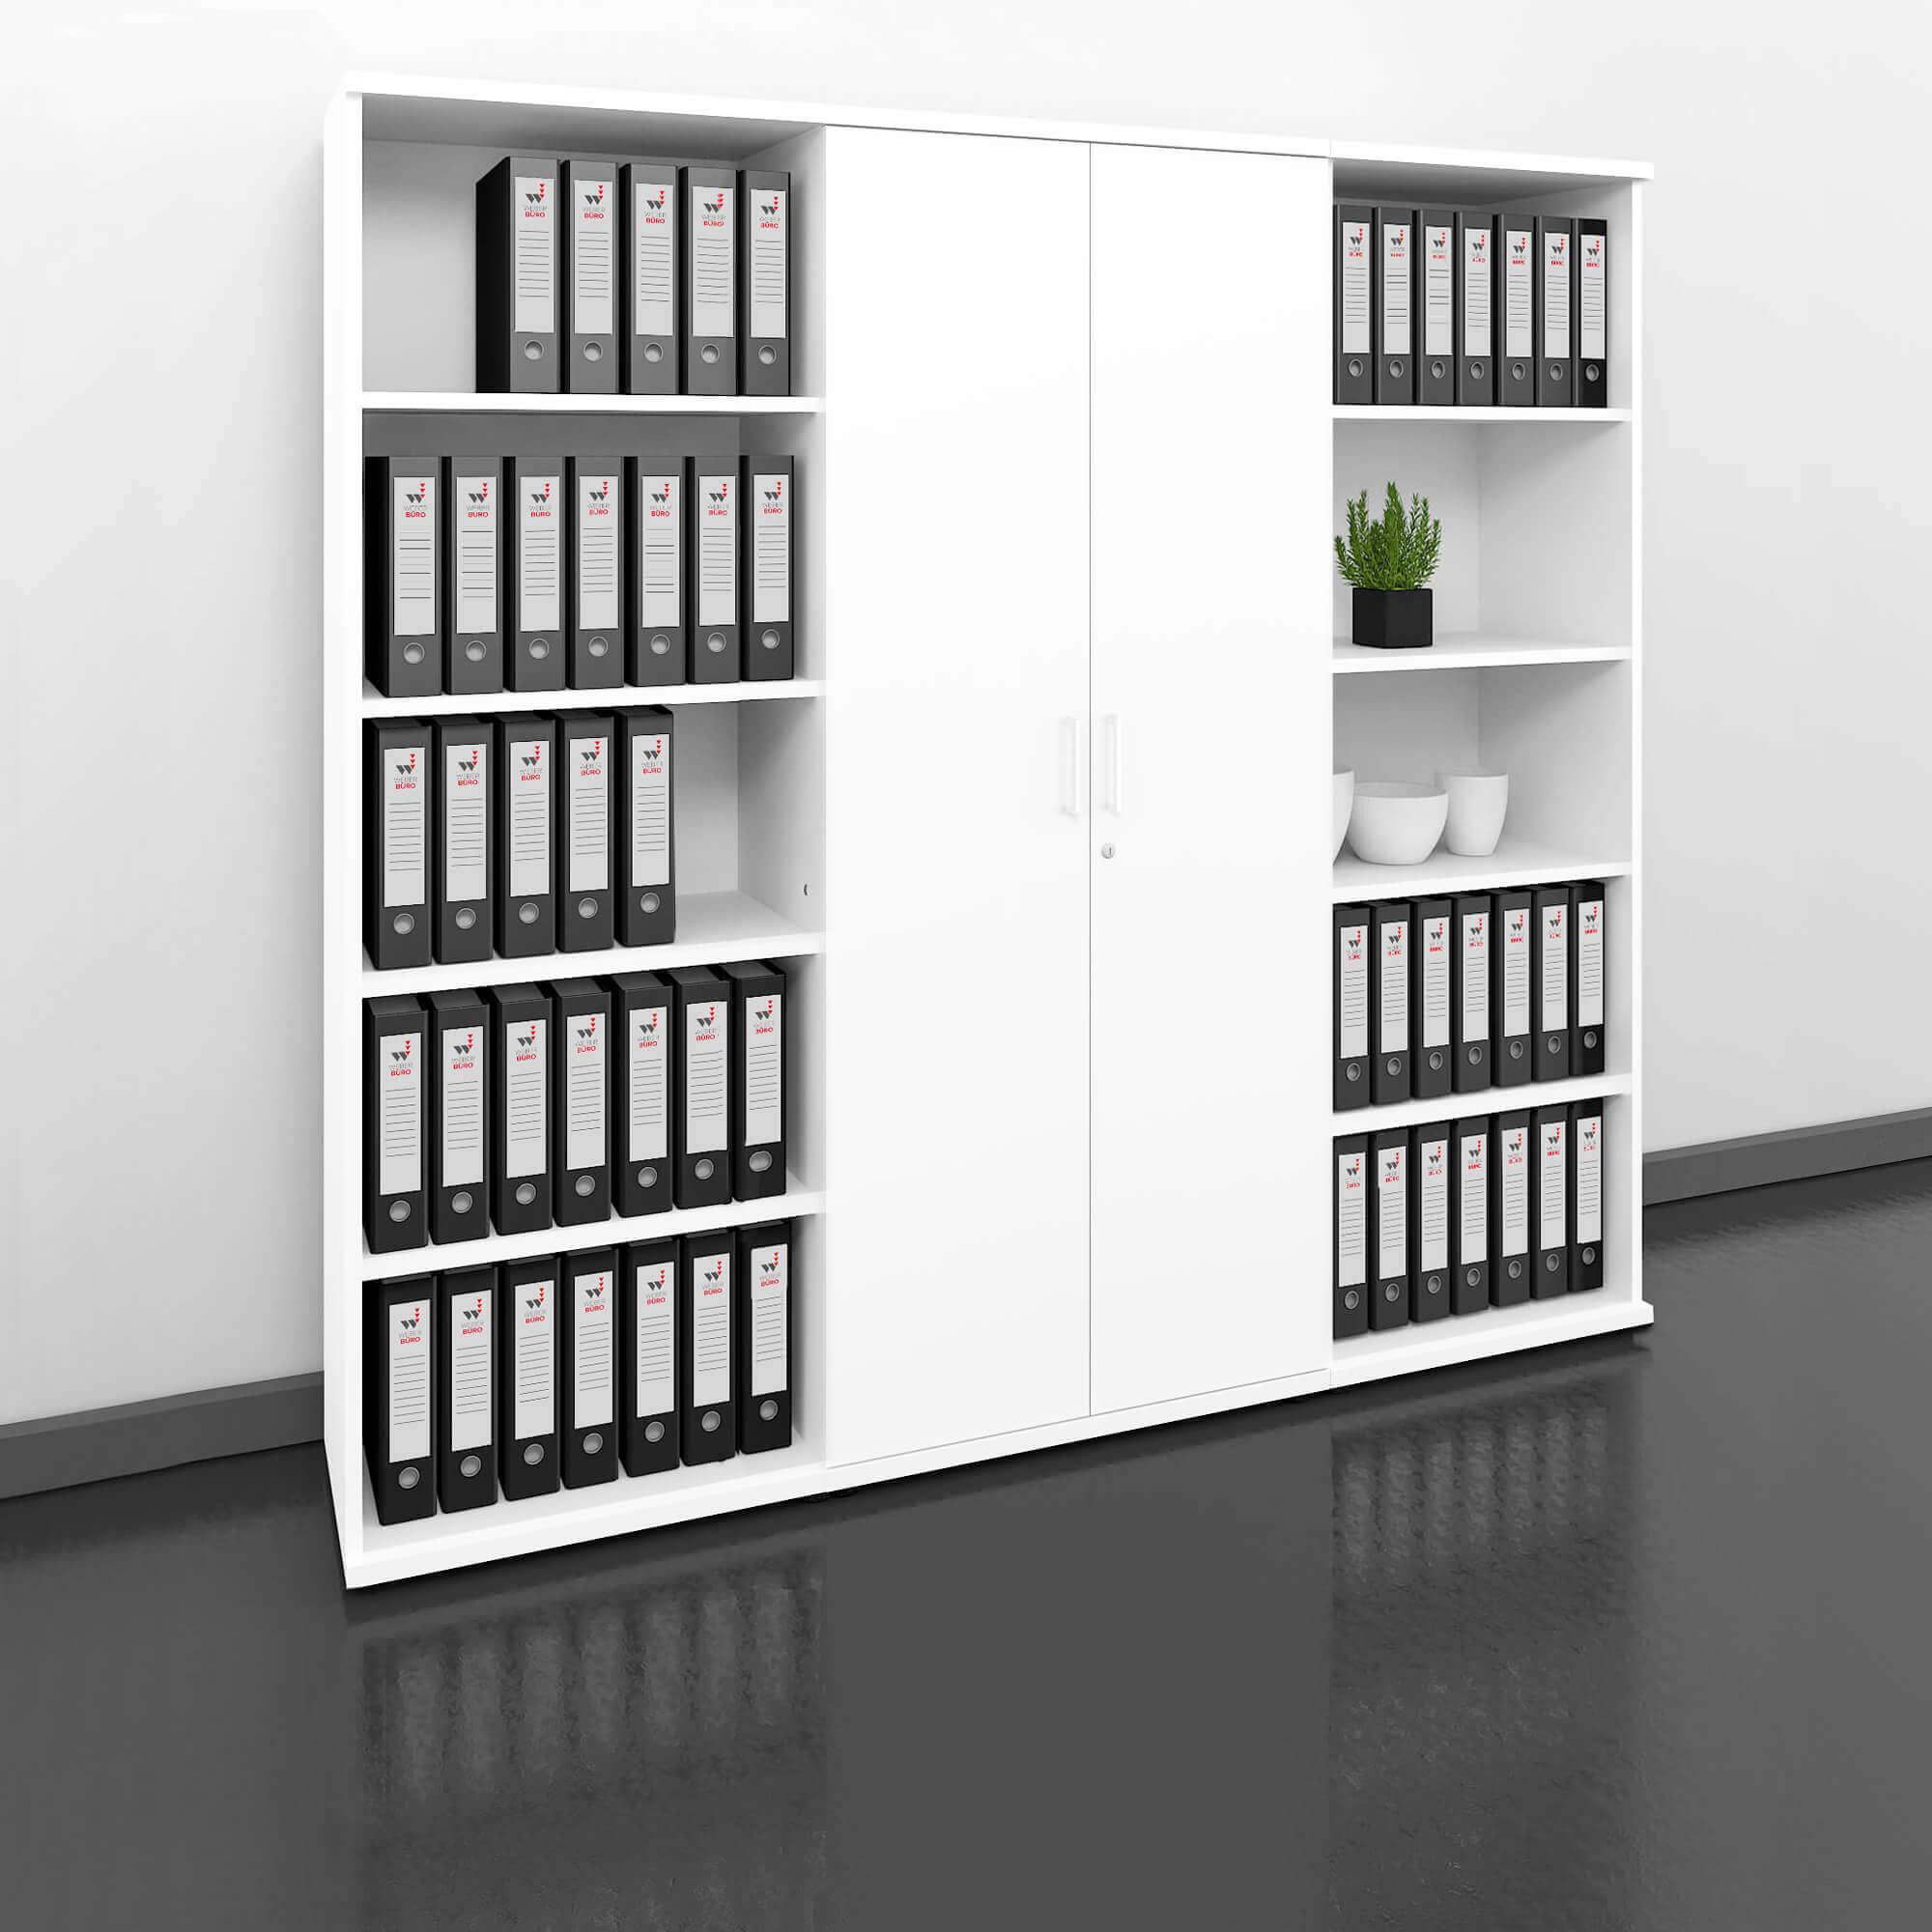 regały i szafy biurowe stoją przy ścianie